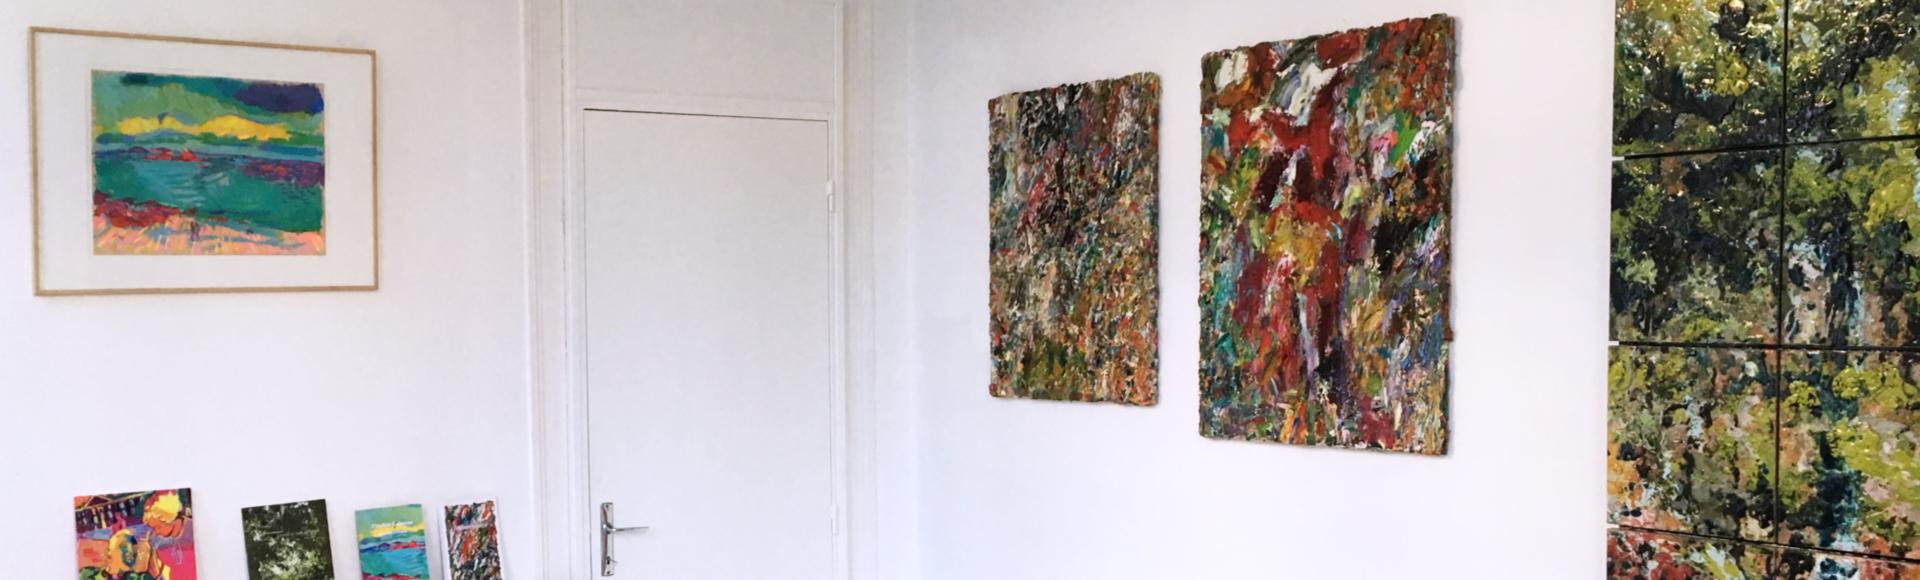 l'Atelier & les artistes